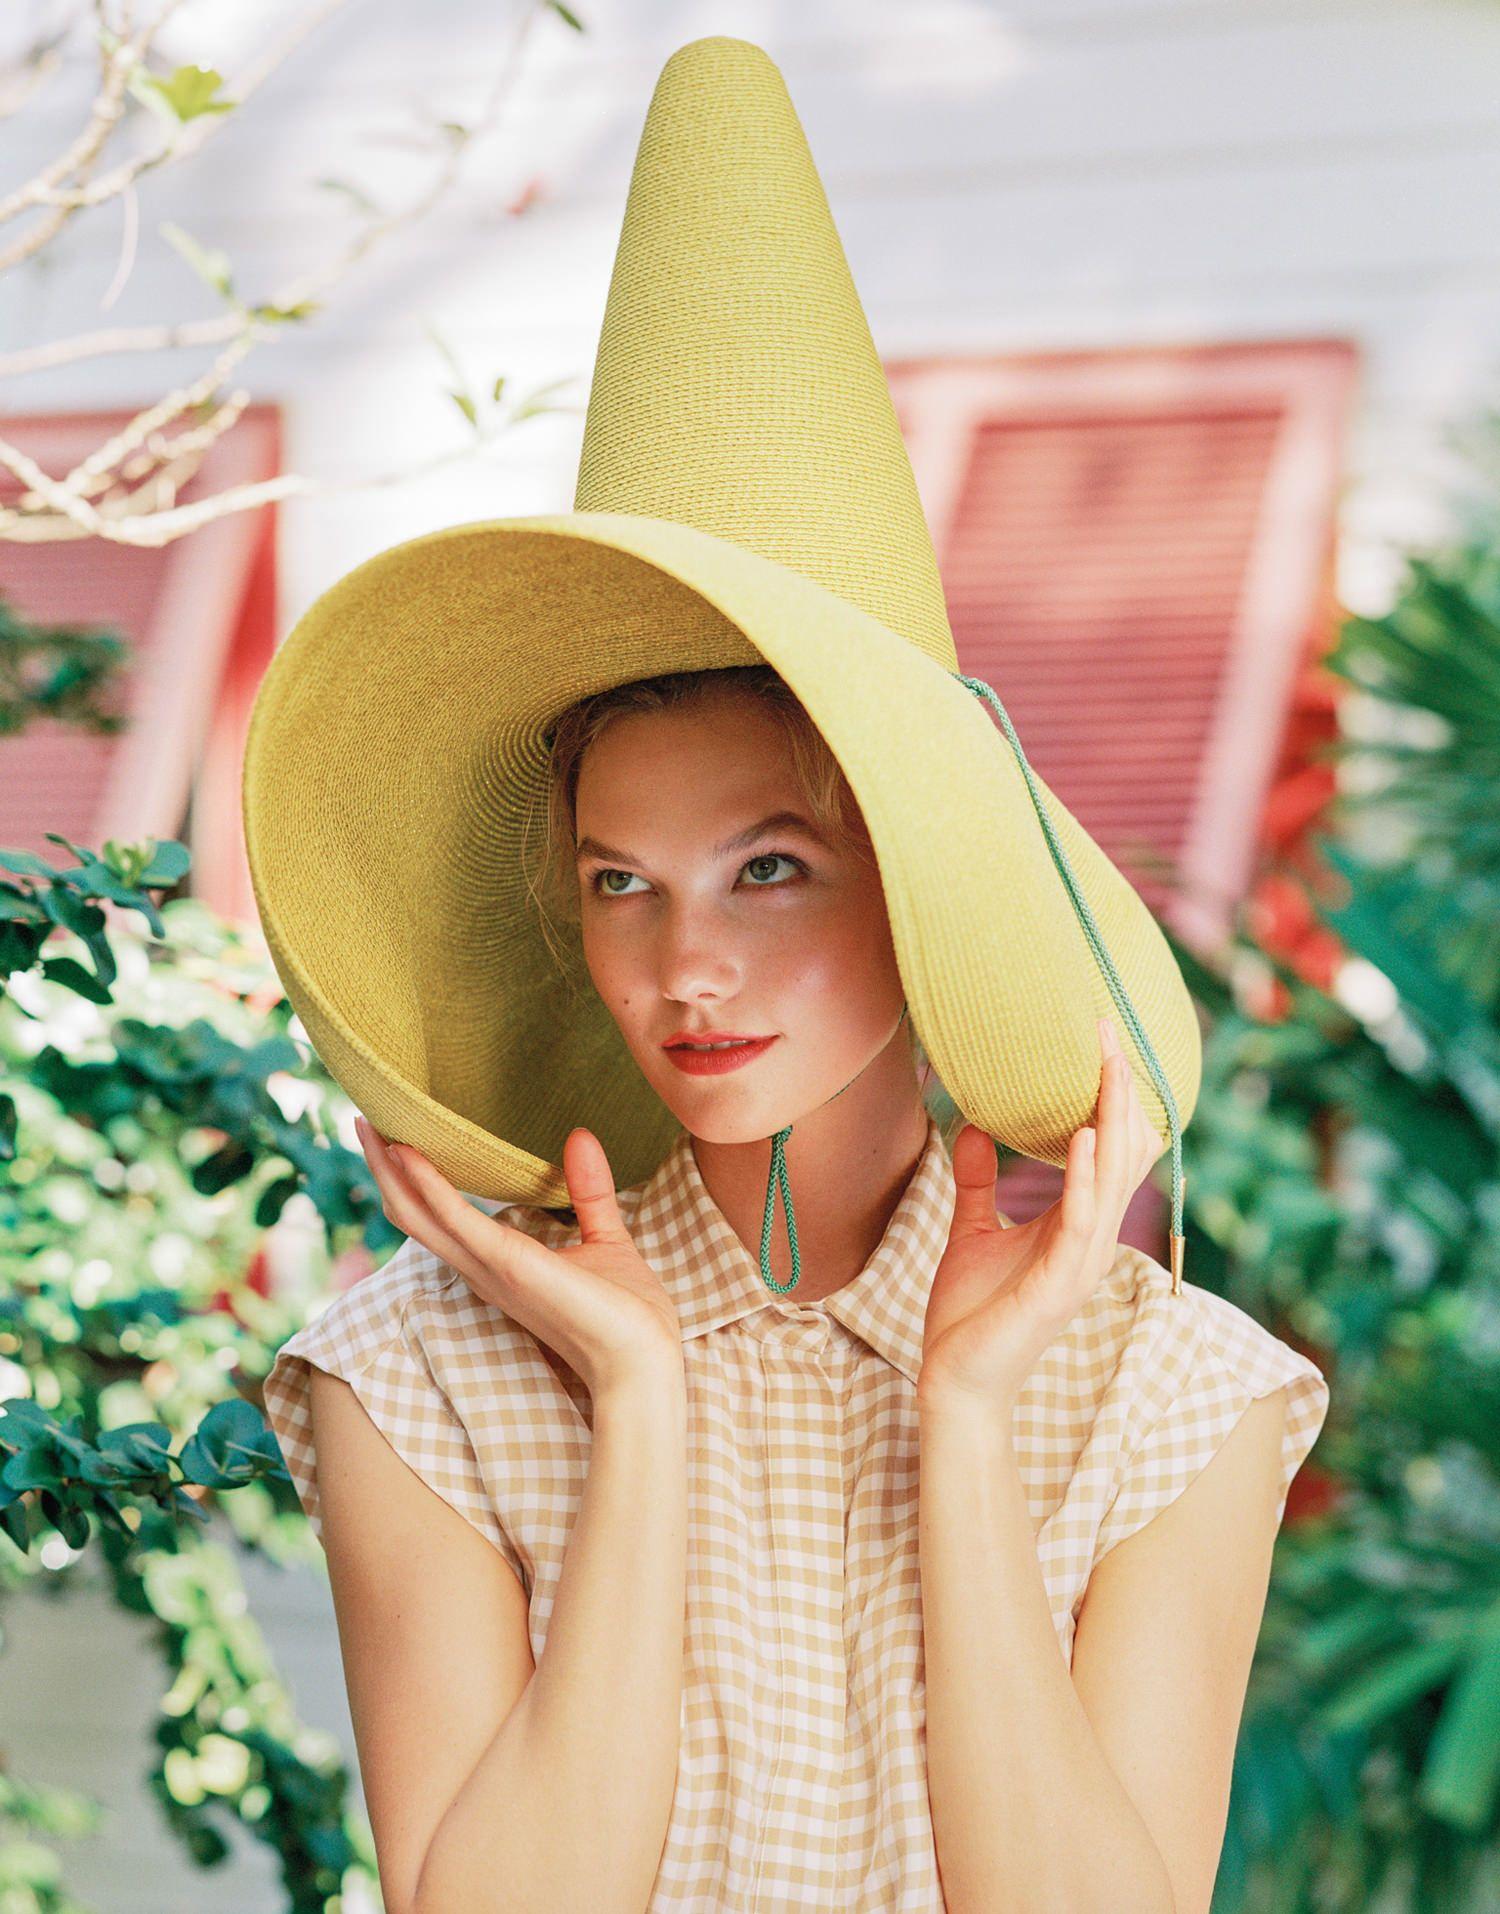 Set for the Stars by Bruce Weber for Porter #8 Summer 2015